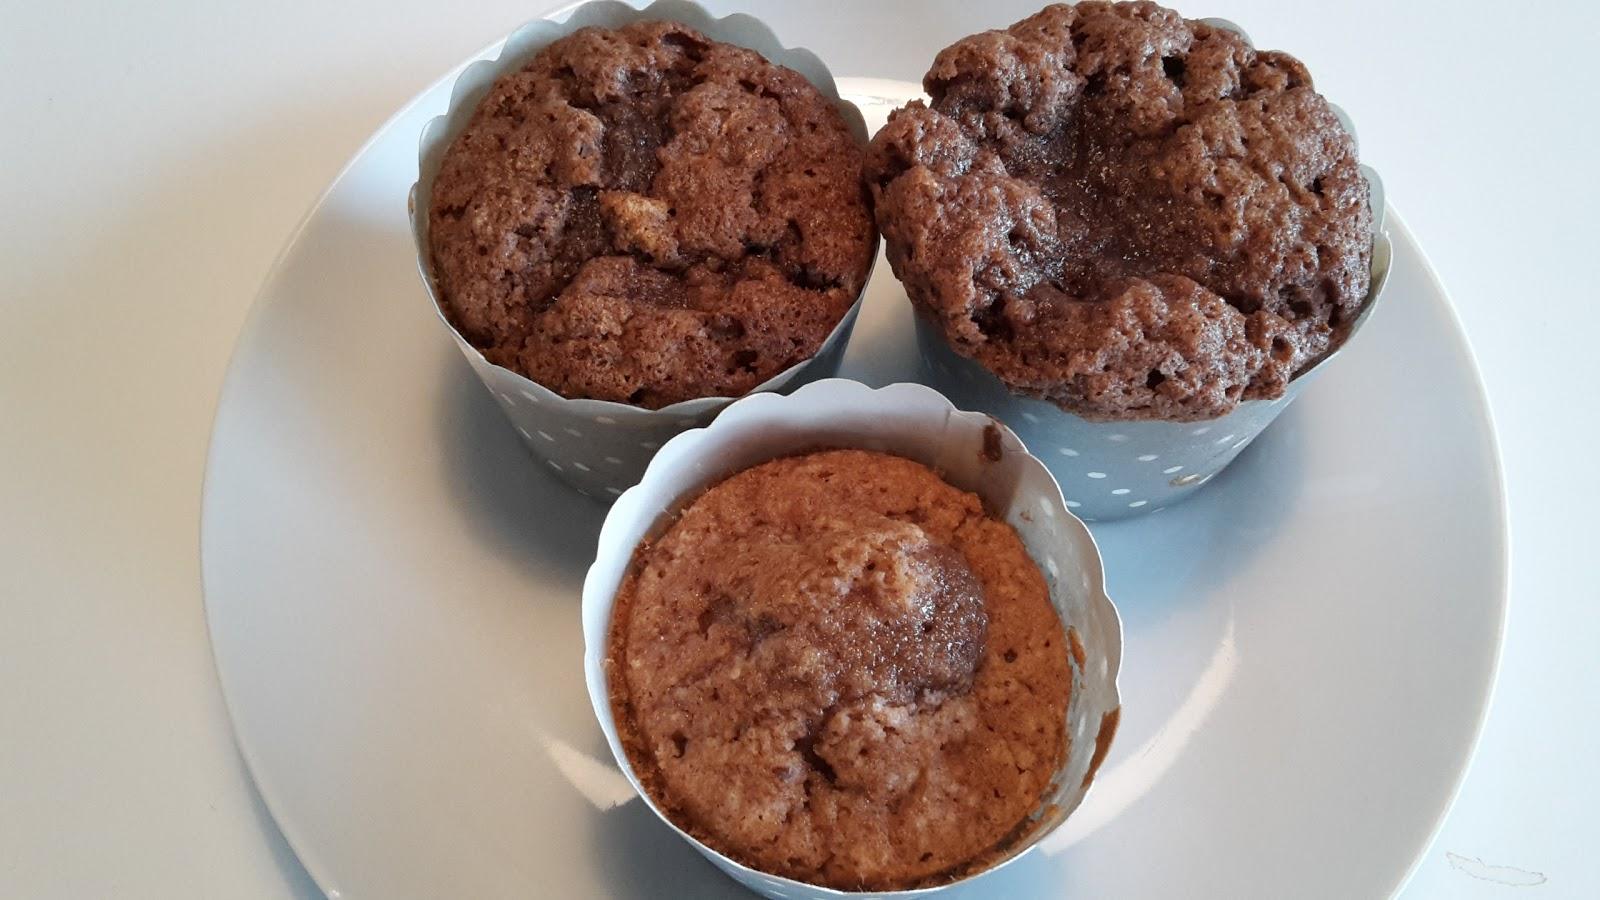 svampede muffins med kærnemælk